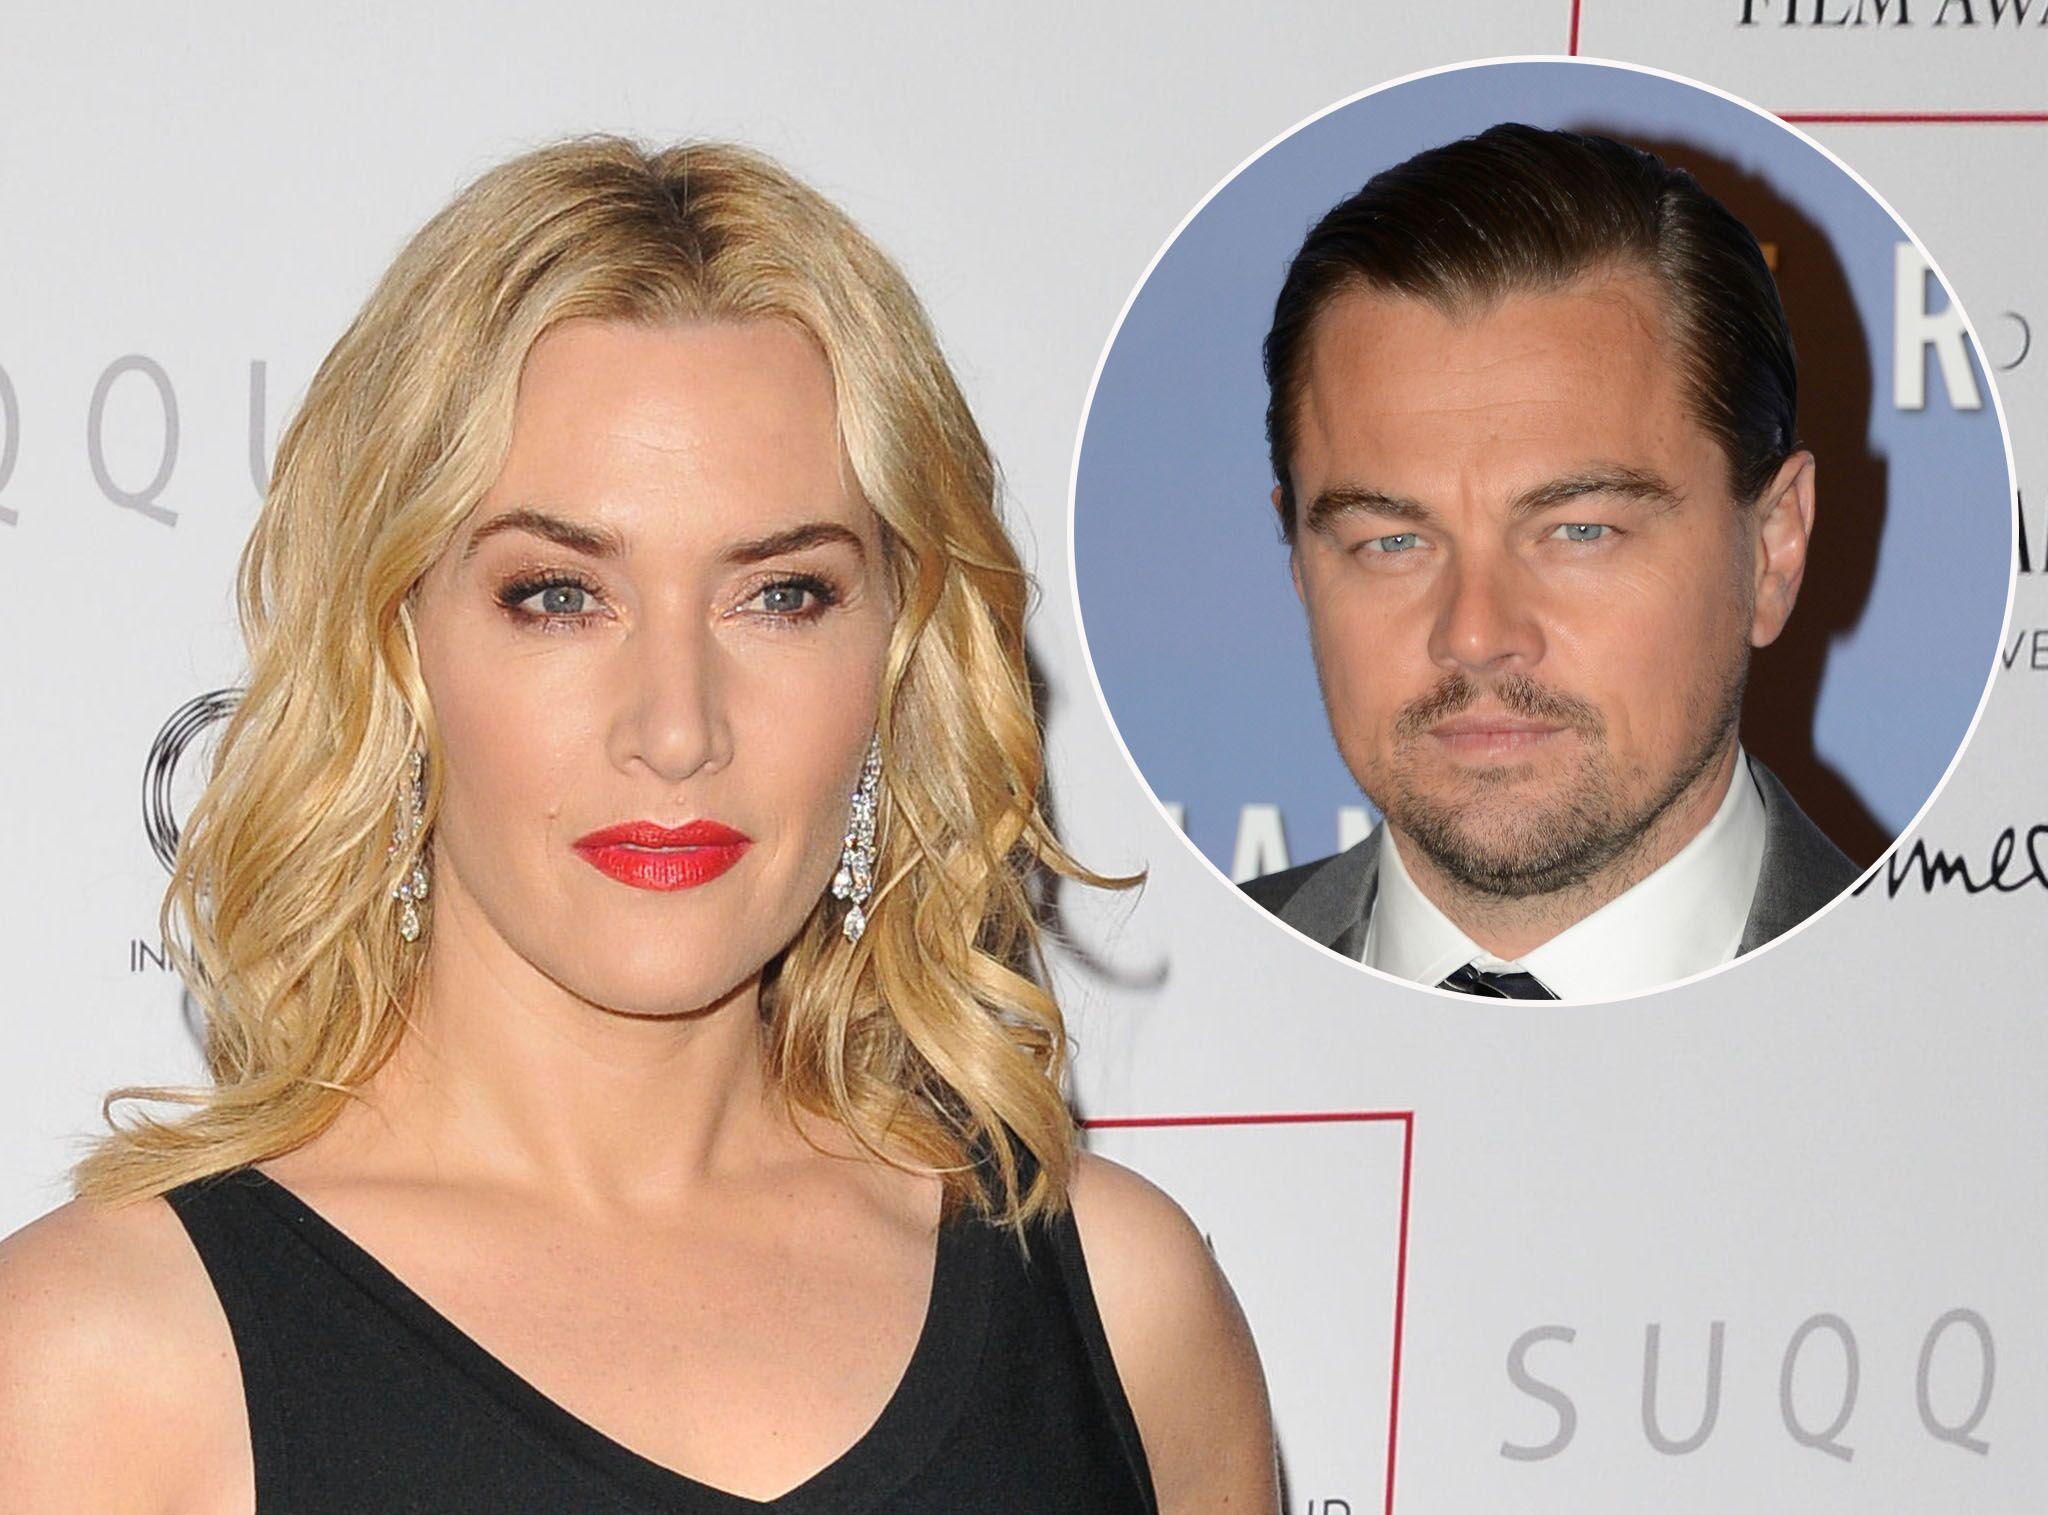 Leo dicaprio zoe kazan sex scene